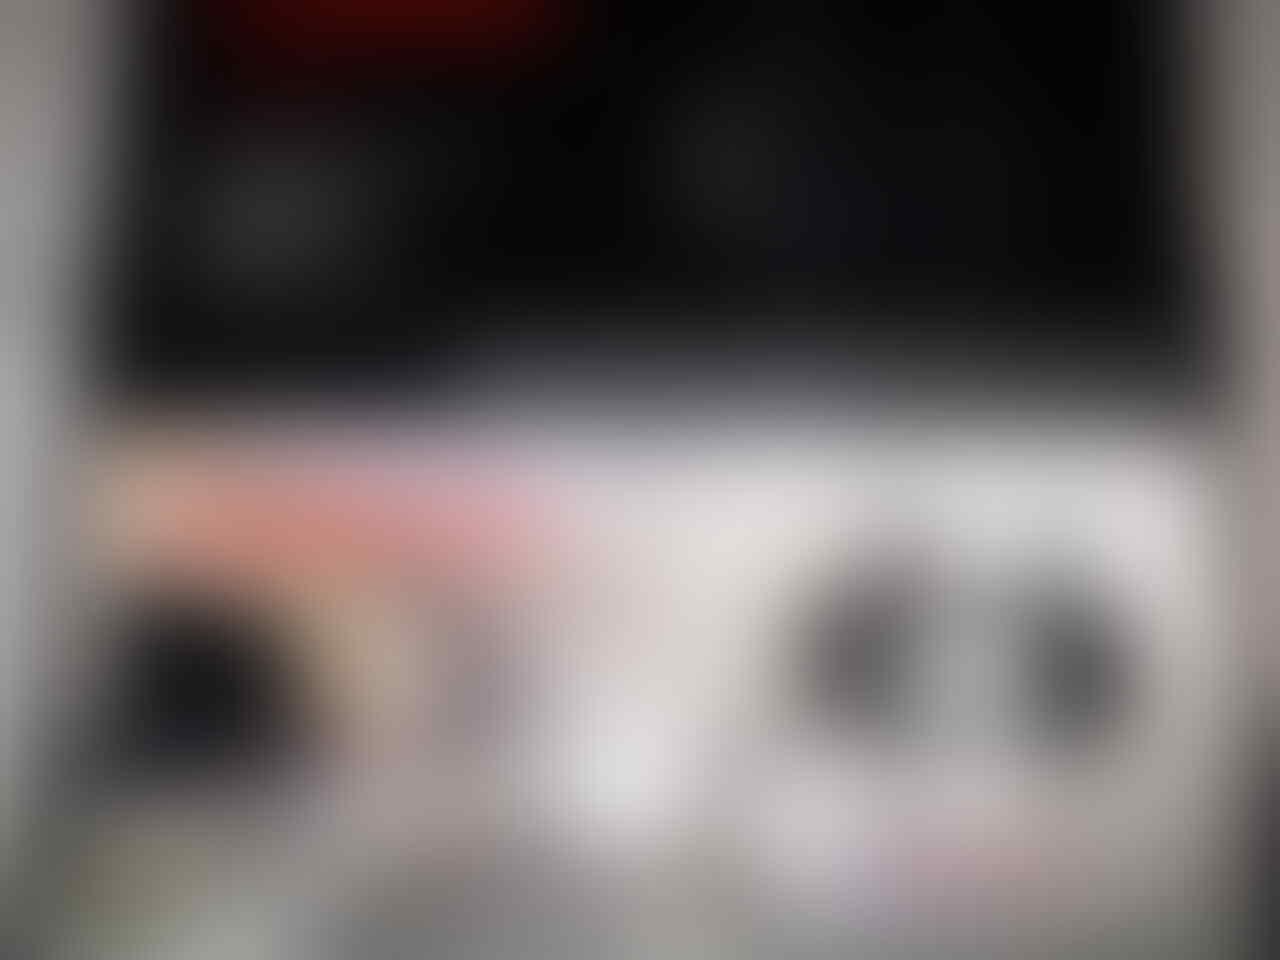 ANEKA BRACKET TV LCD LED STANDING STANDAR +PASANG SE DKI LOKASI JAKARTA BARAT